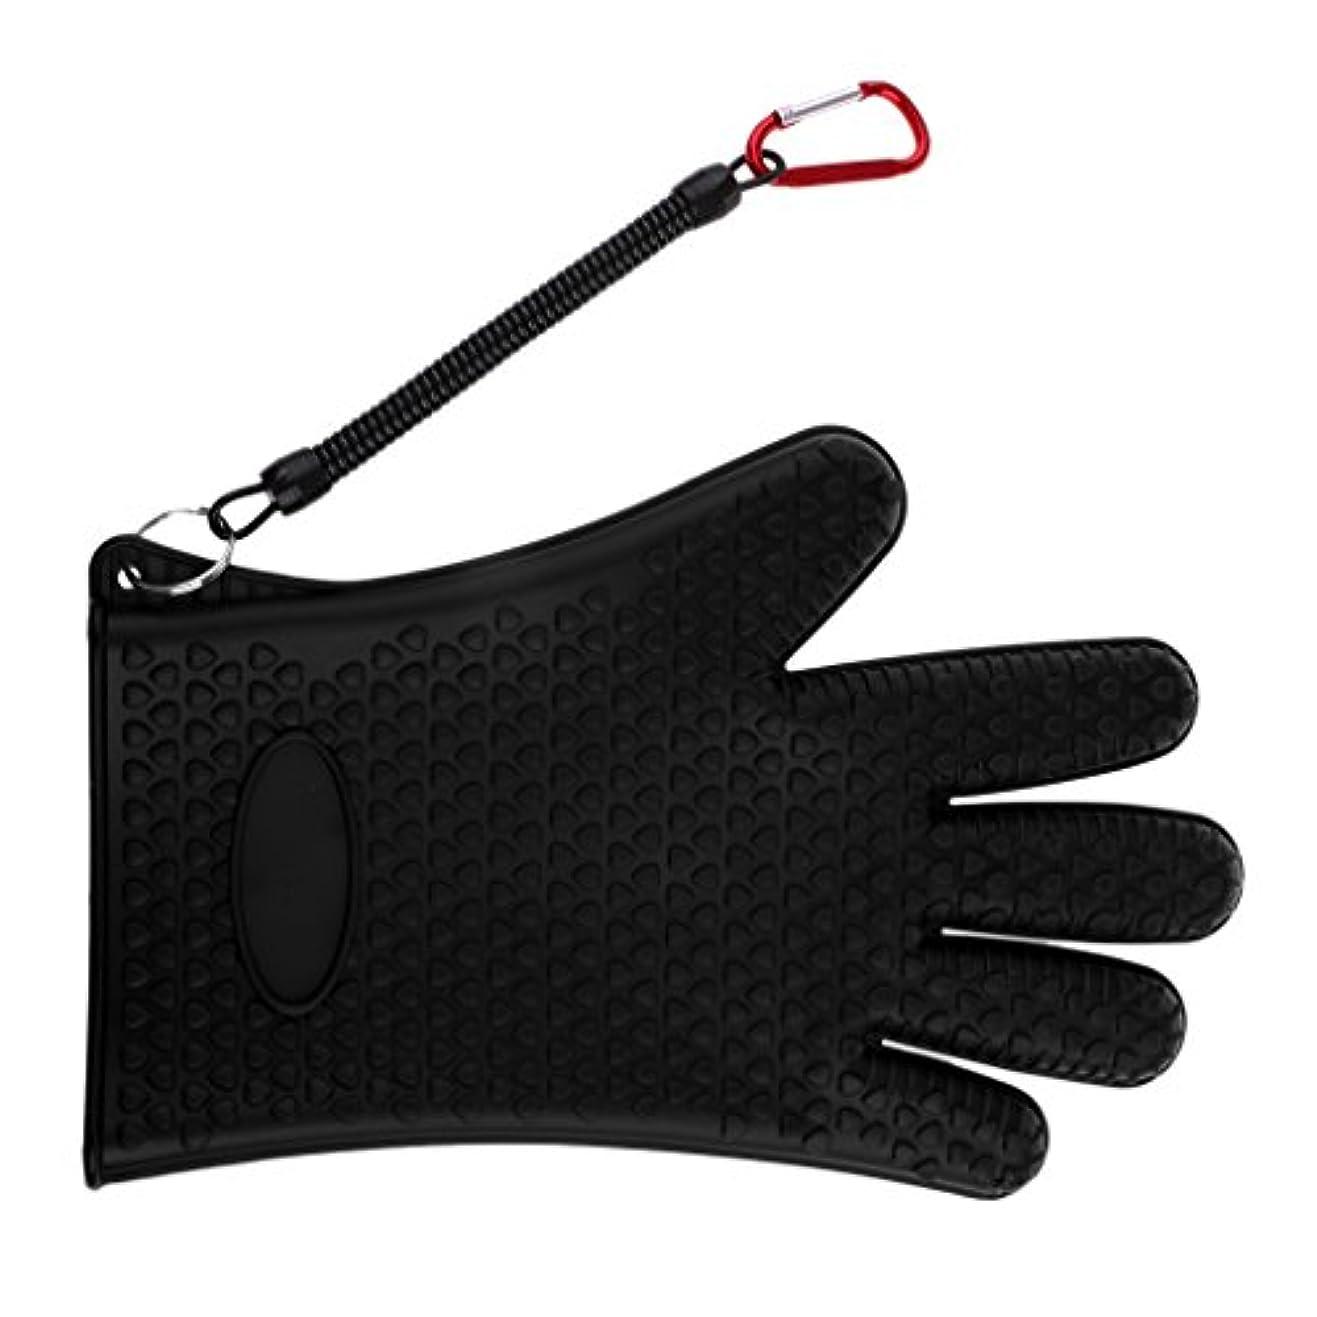 役に立たない医療の上げるBaoblaze 釣り用手袋 グローブ バックル付き 滑り止め 耐熱 手保護具